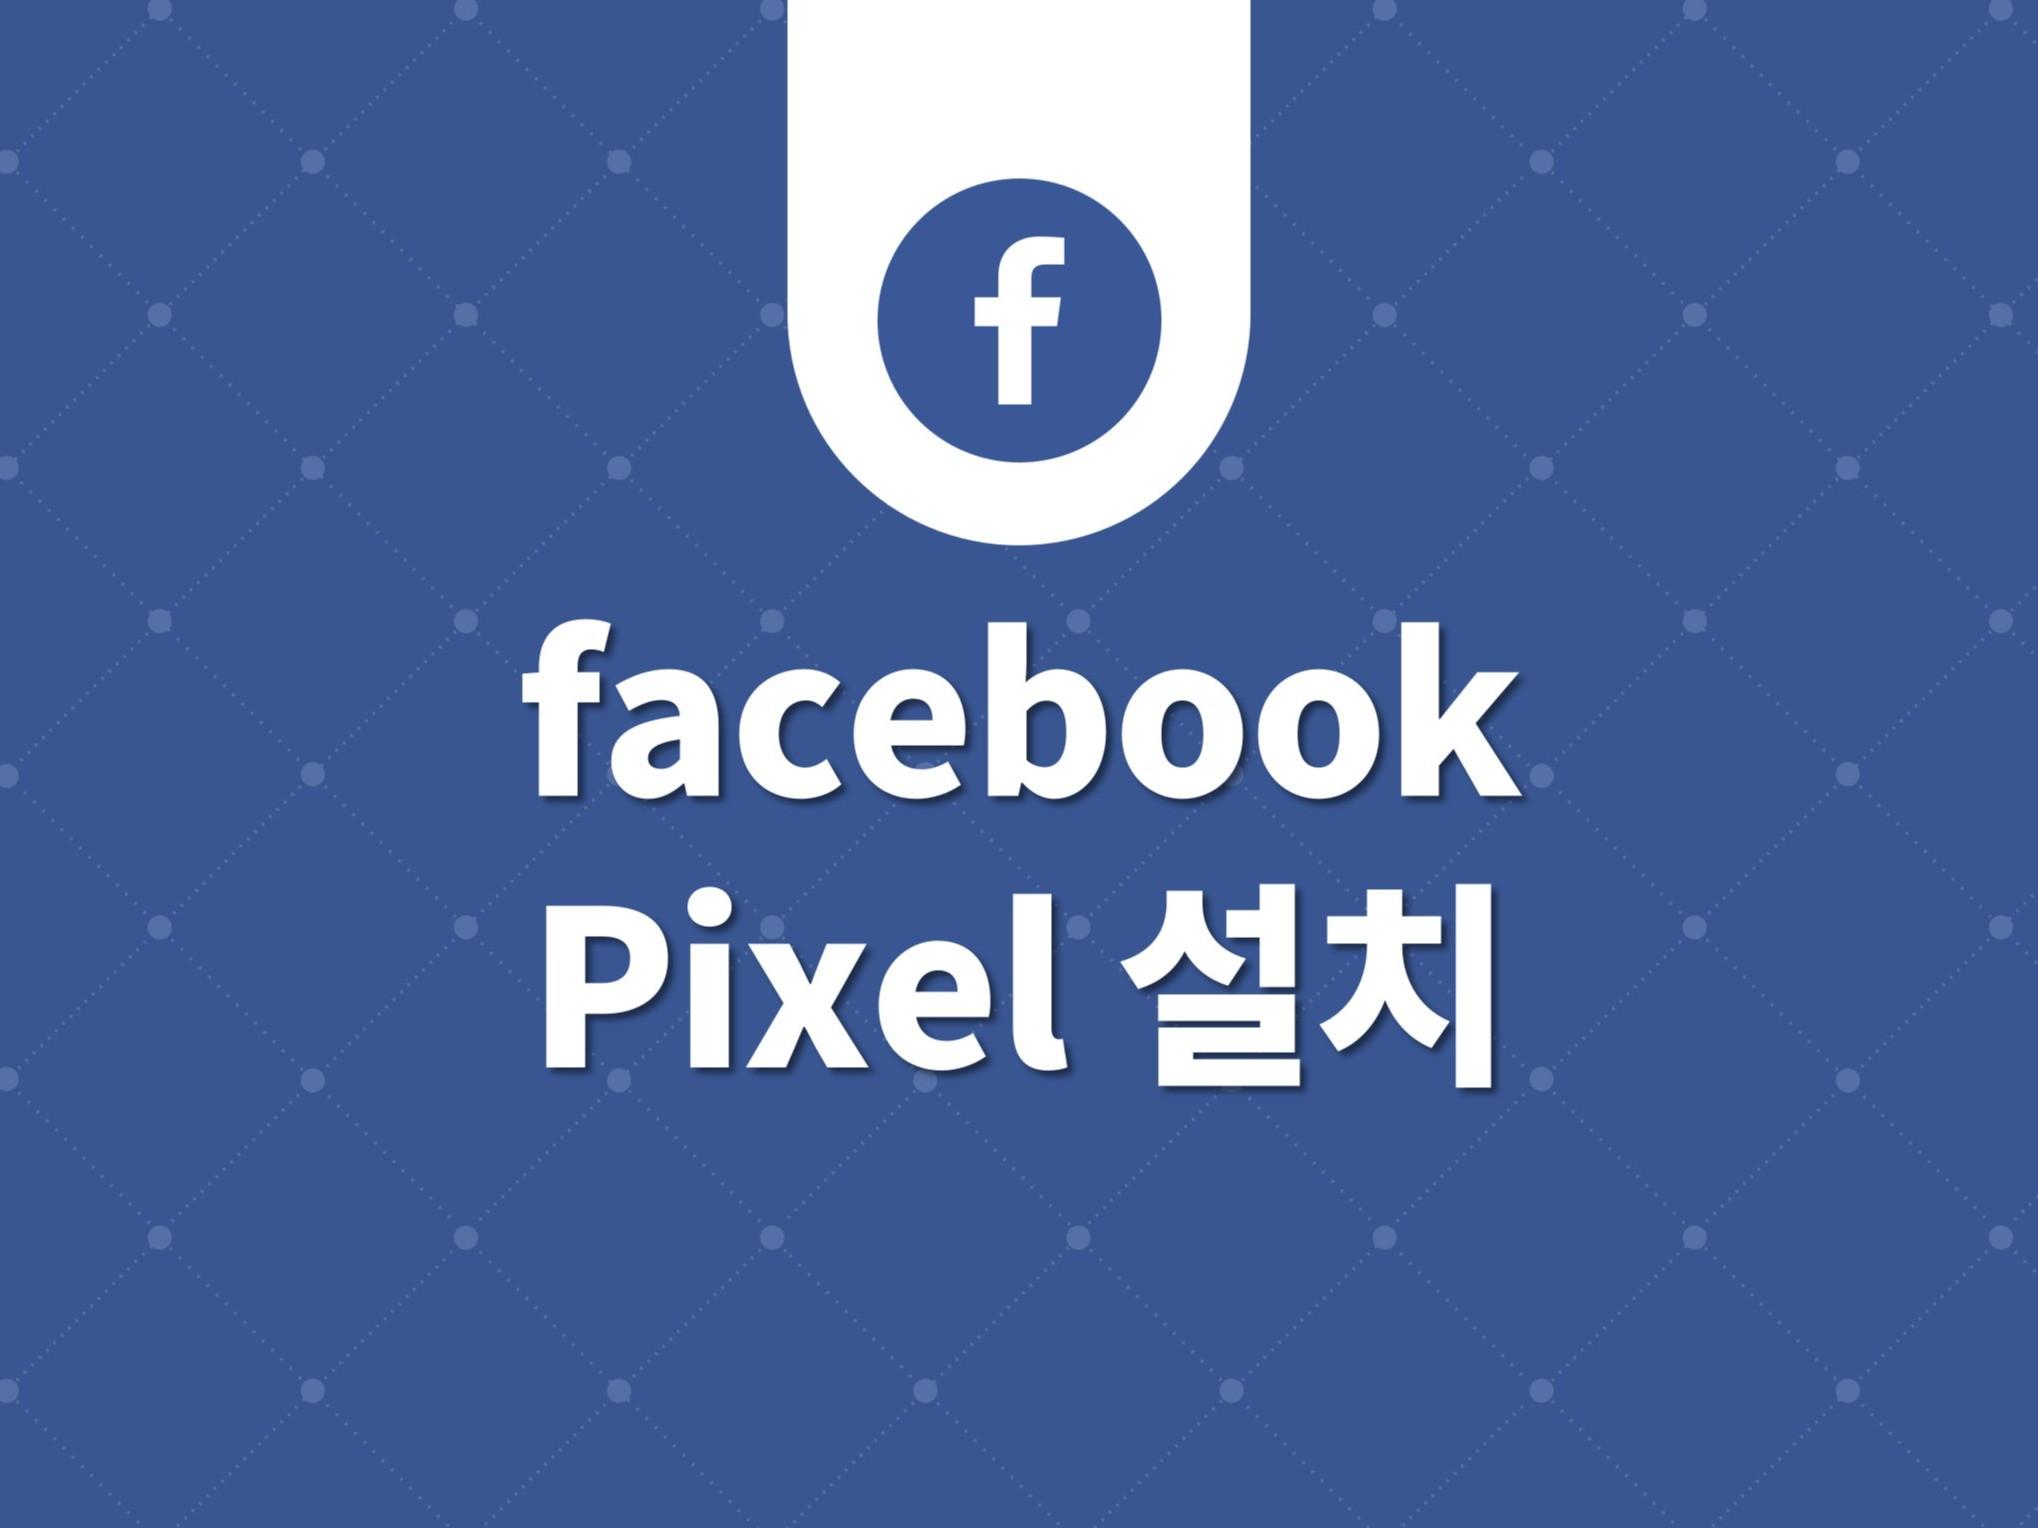 쇼핑몰에 페이스북 픽셀과 카탈로그를 설치해 드립니다.